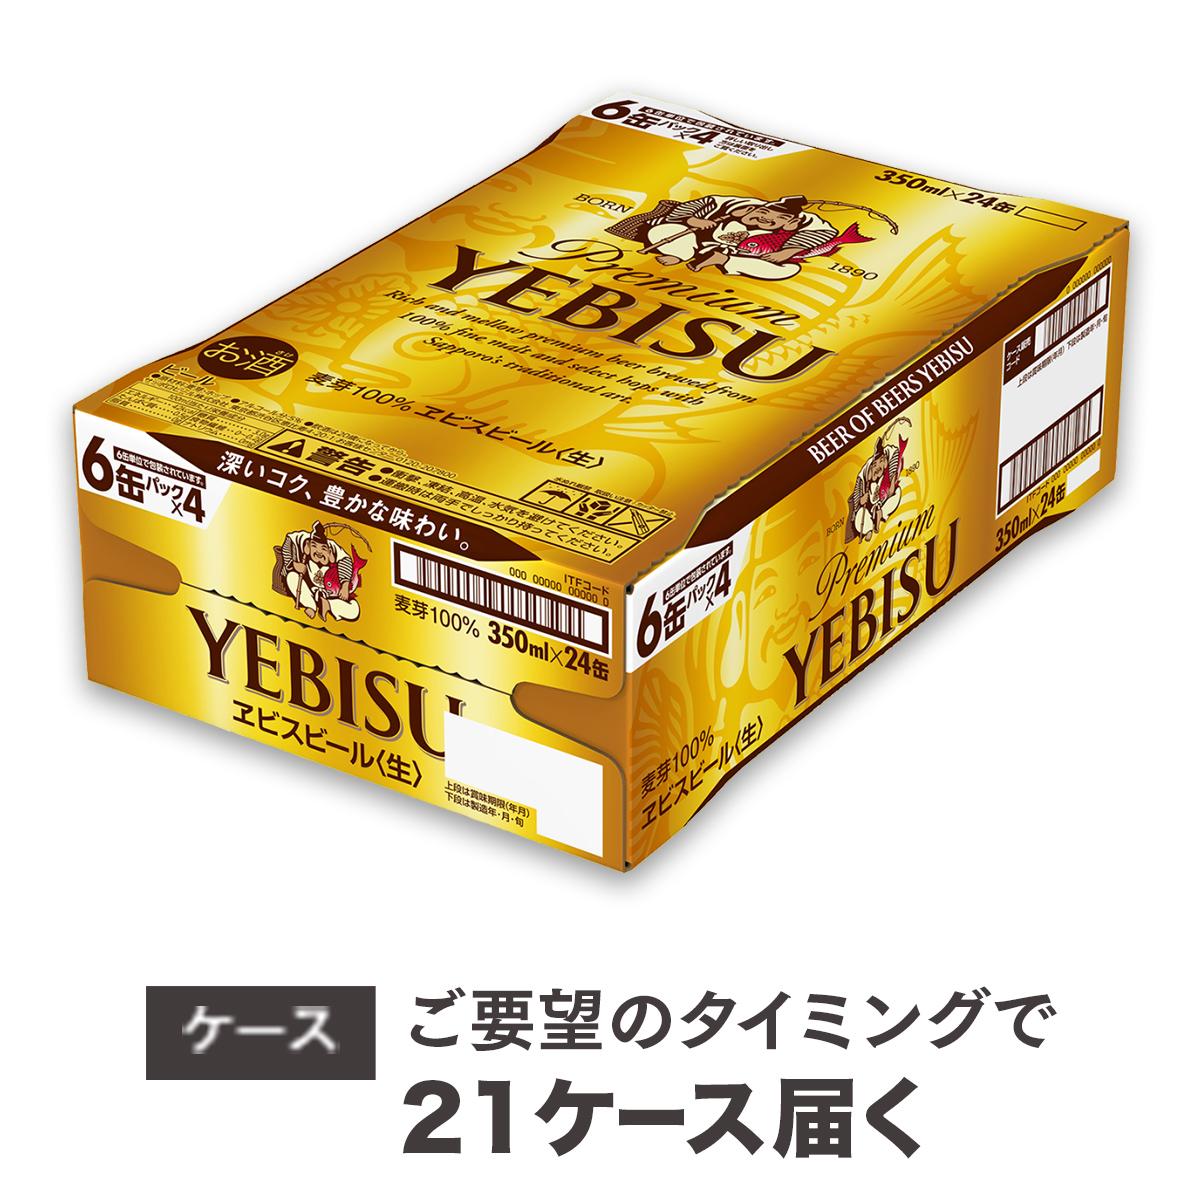 【お届け相談します】ヱビスビール 仙台工場産(350ml×24本入を21ケース)合計504缶